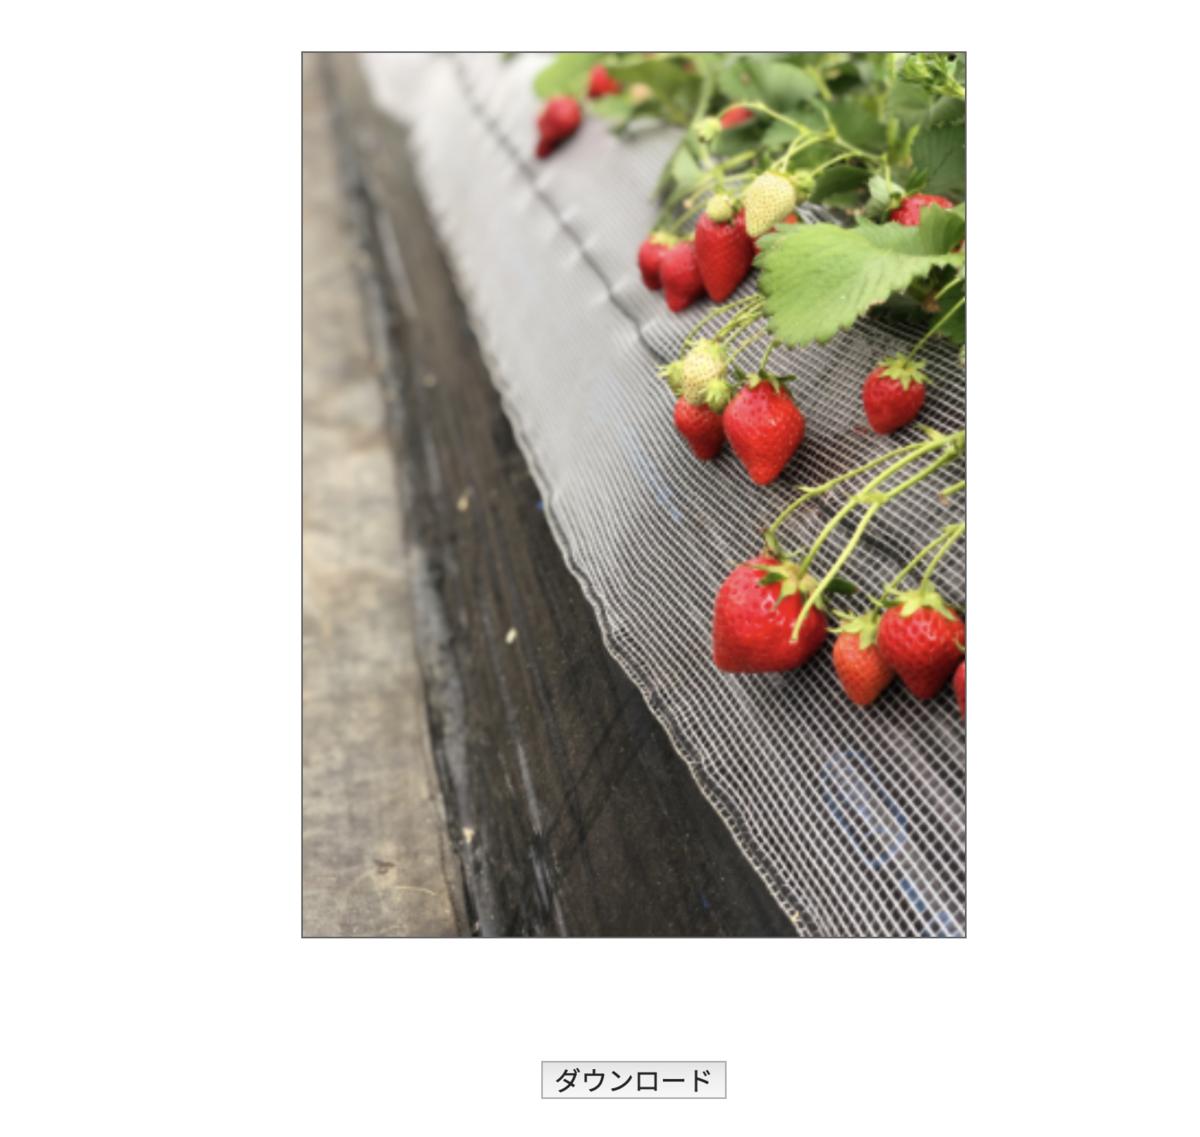 画像(写真)のリサイズがブラウザ上で簡単にできる画像加工ツールを公開しました!